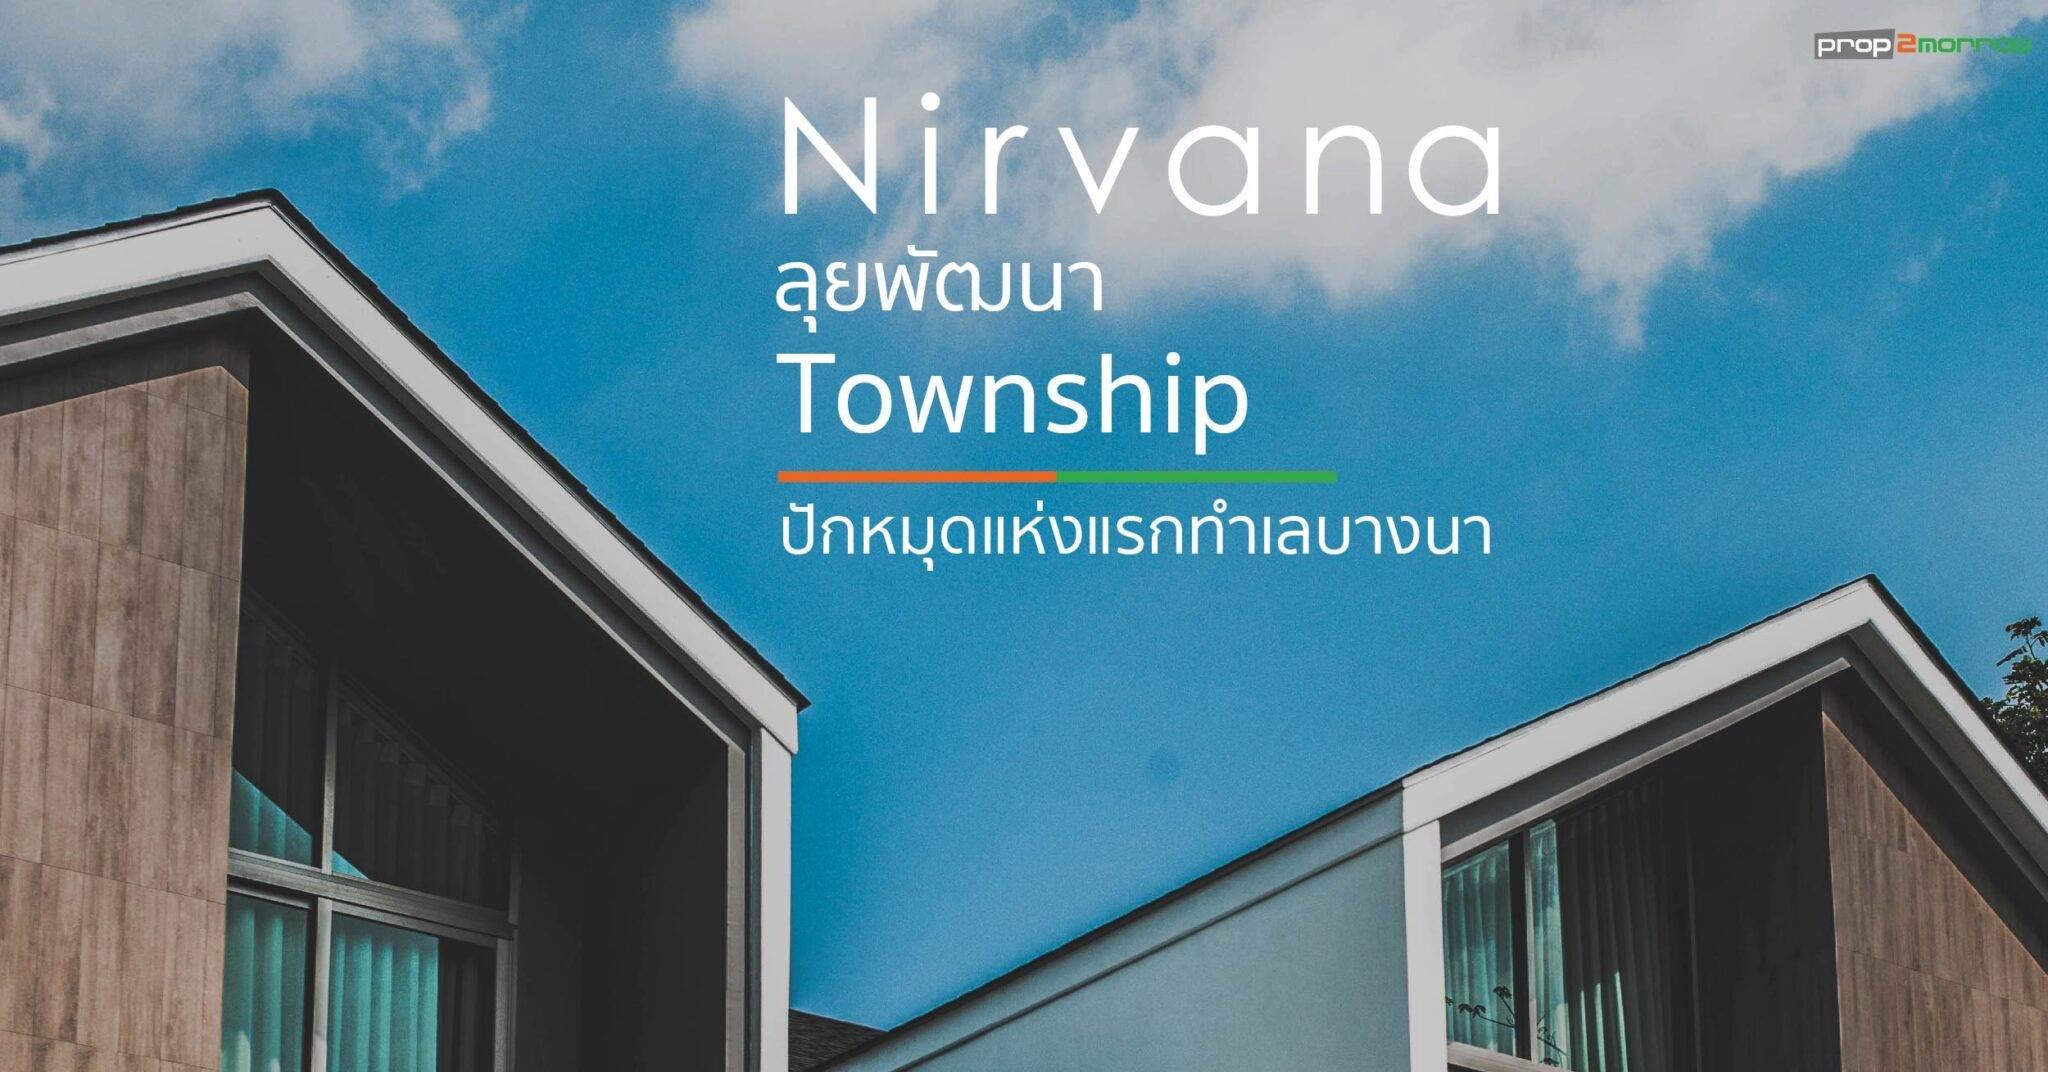 Nirvana ลุยพัฒนา Township ปักหมุดแห่งแรกทำเลบางนา | Prop2Morrow บ้าน คอนโด ข่าวอสังหาฯ